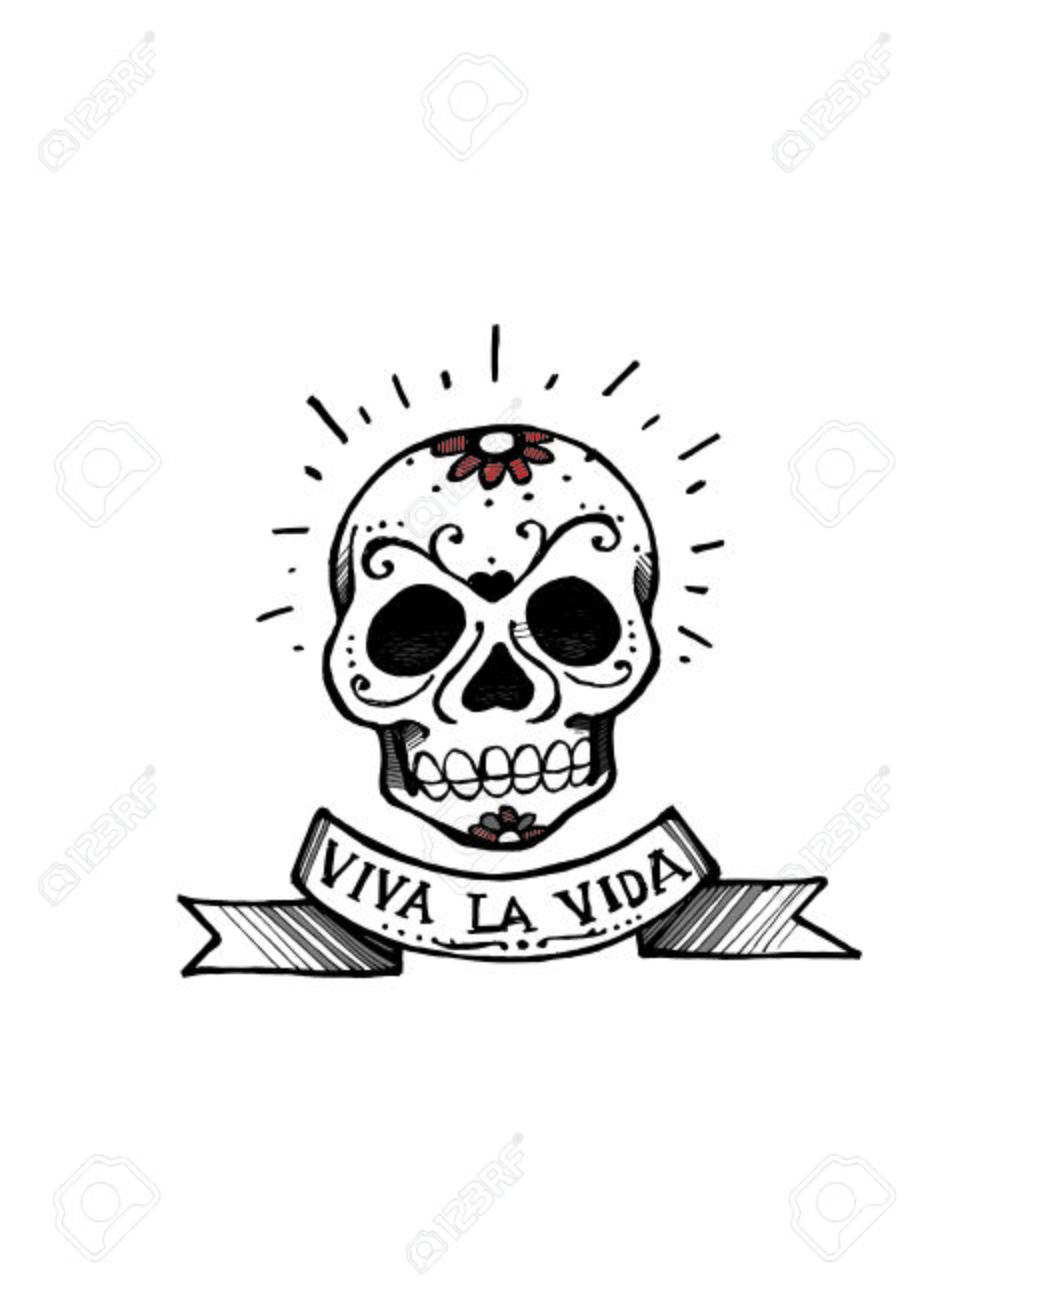 Dessin Representant La Mort tiré par la main illustration vectorielle ou le dessin d'un crâne et